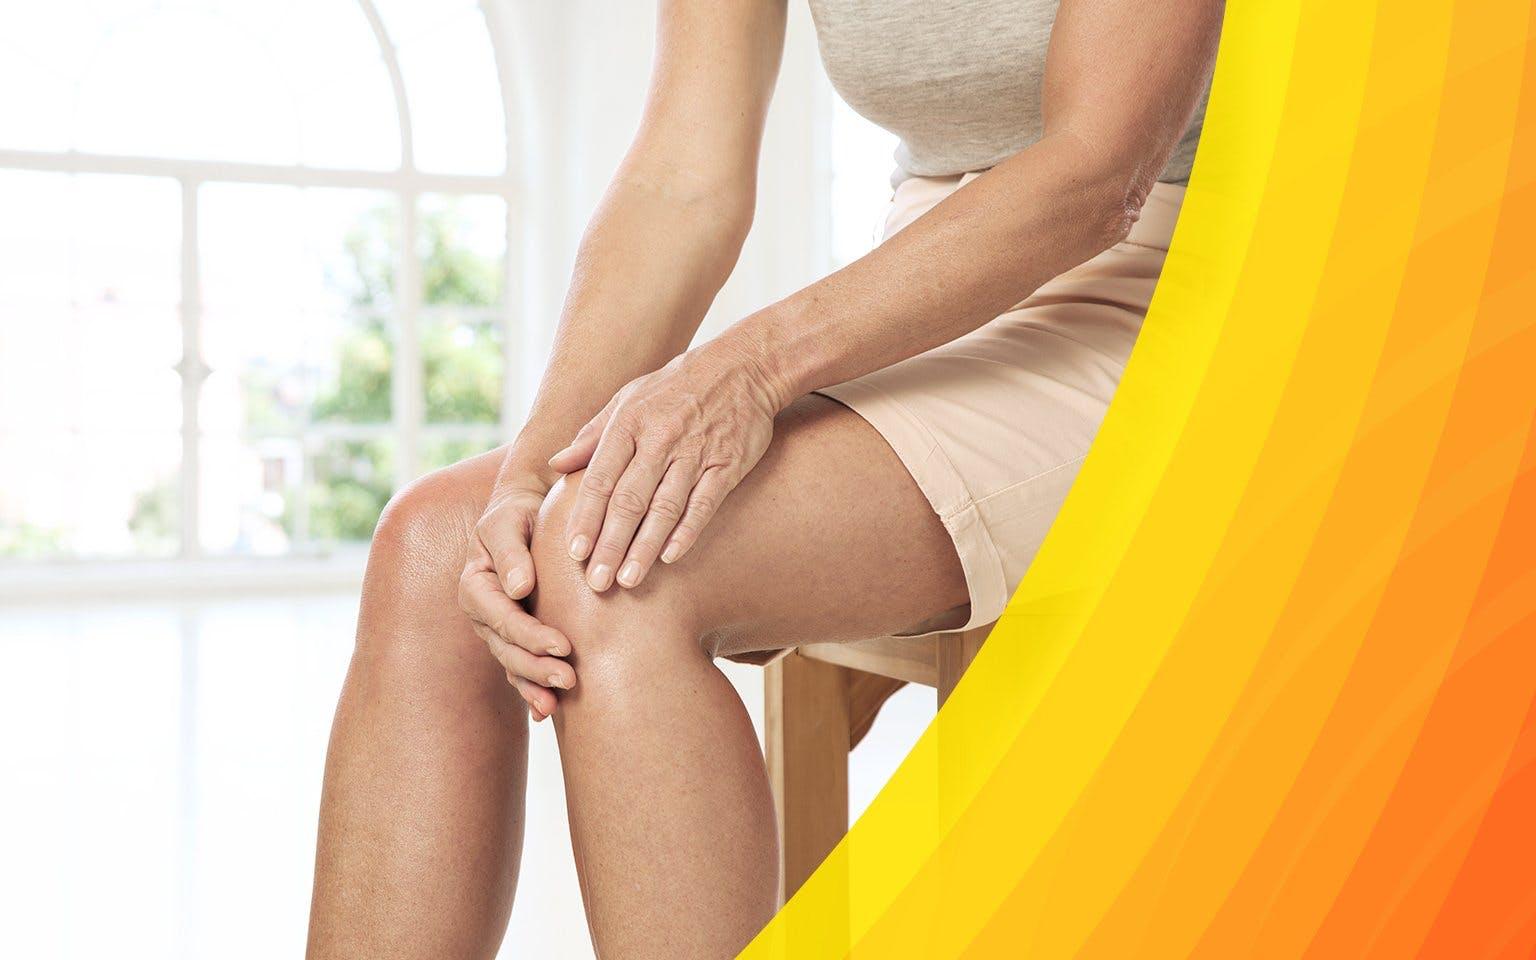 Kobieta łapiąca się za bolące kolano